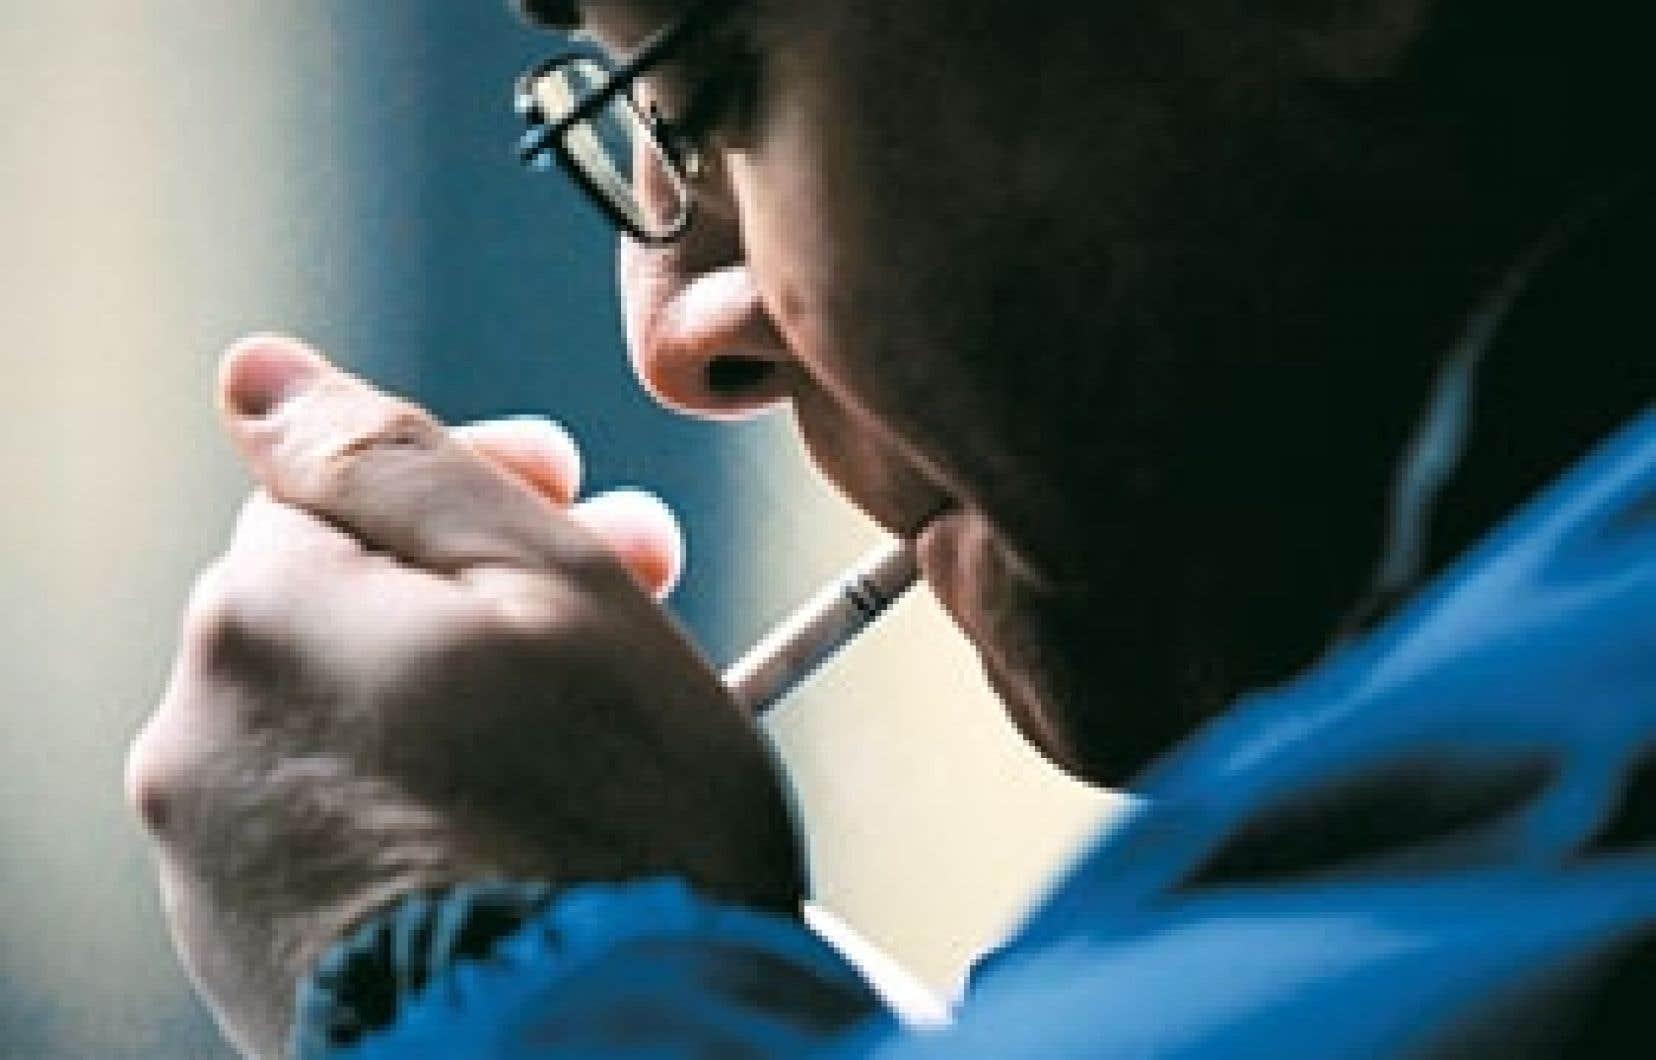 Selon les résultats d'un sondage commandé par Imperial Tobacco, 13 milliards de cigarettes de contrebande auraient été vendues en 2008, en hausse de 30 % par rapport à l'année précédente.